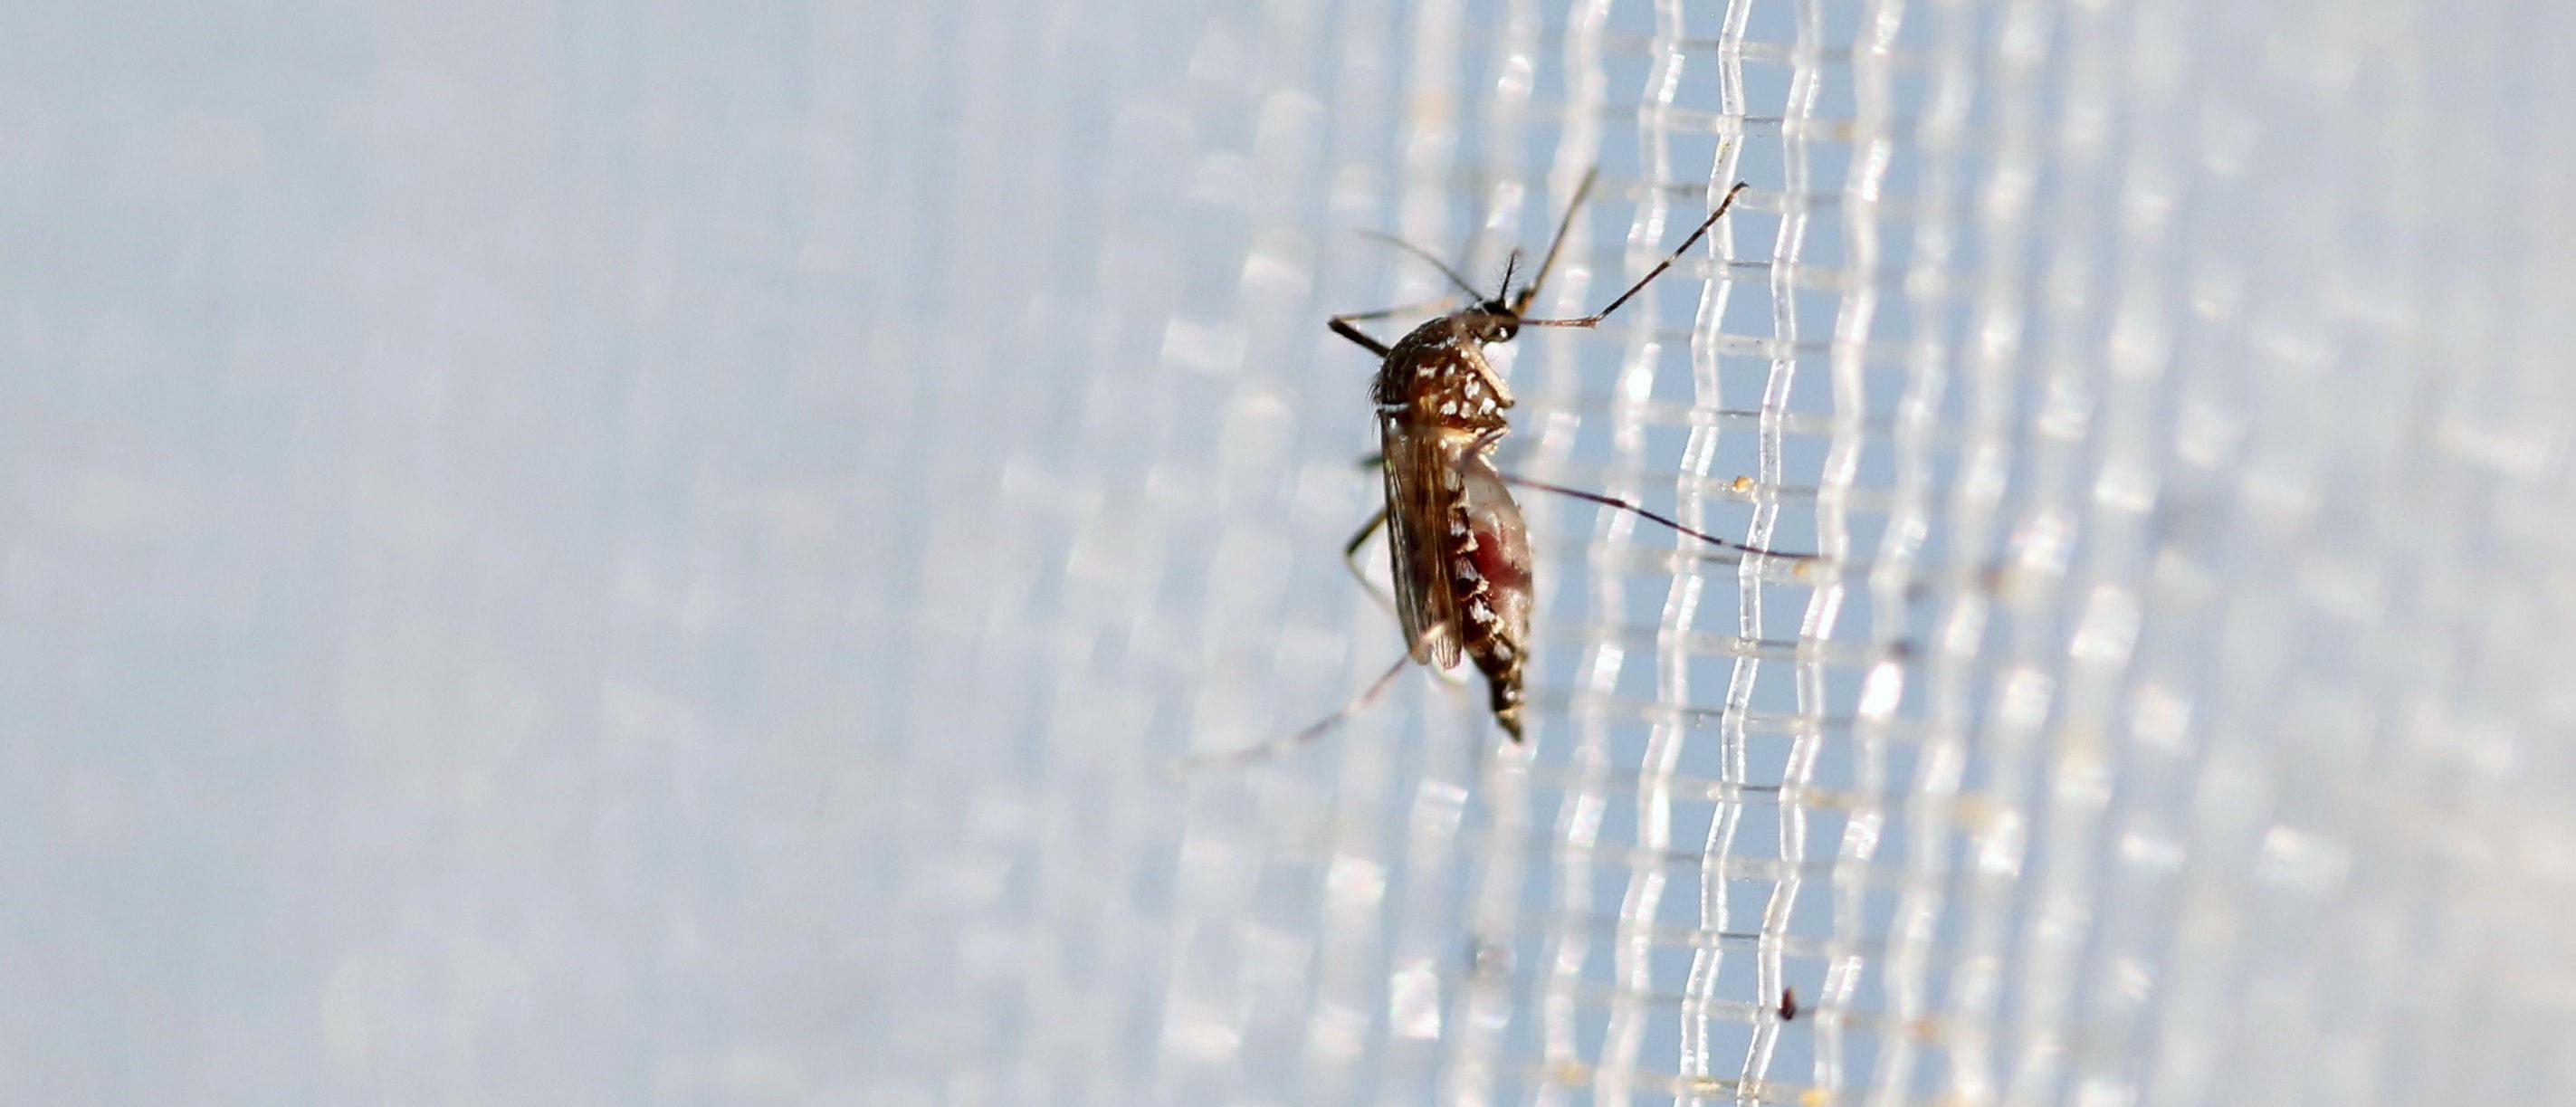 zika-fly-e1470258271812.jpg